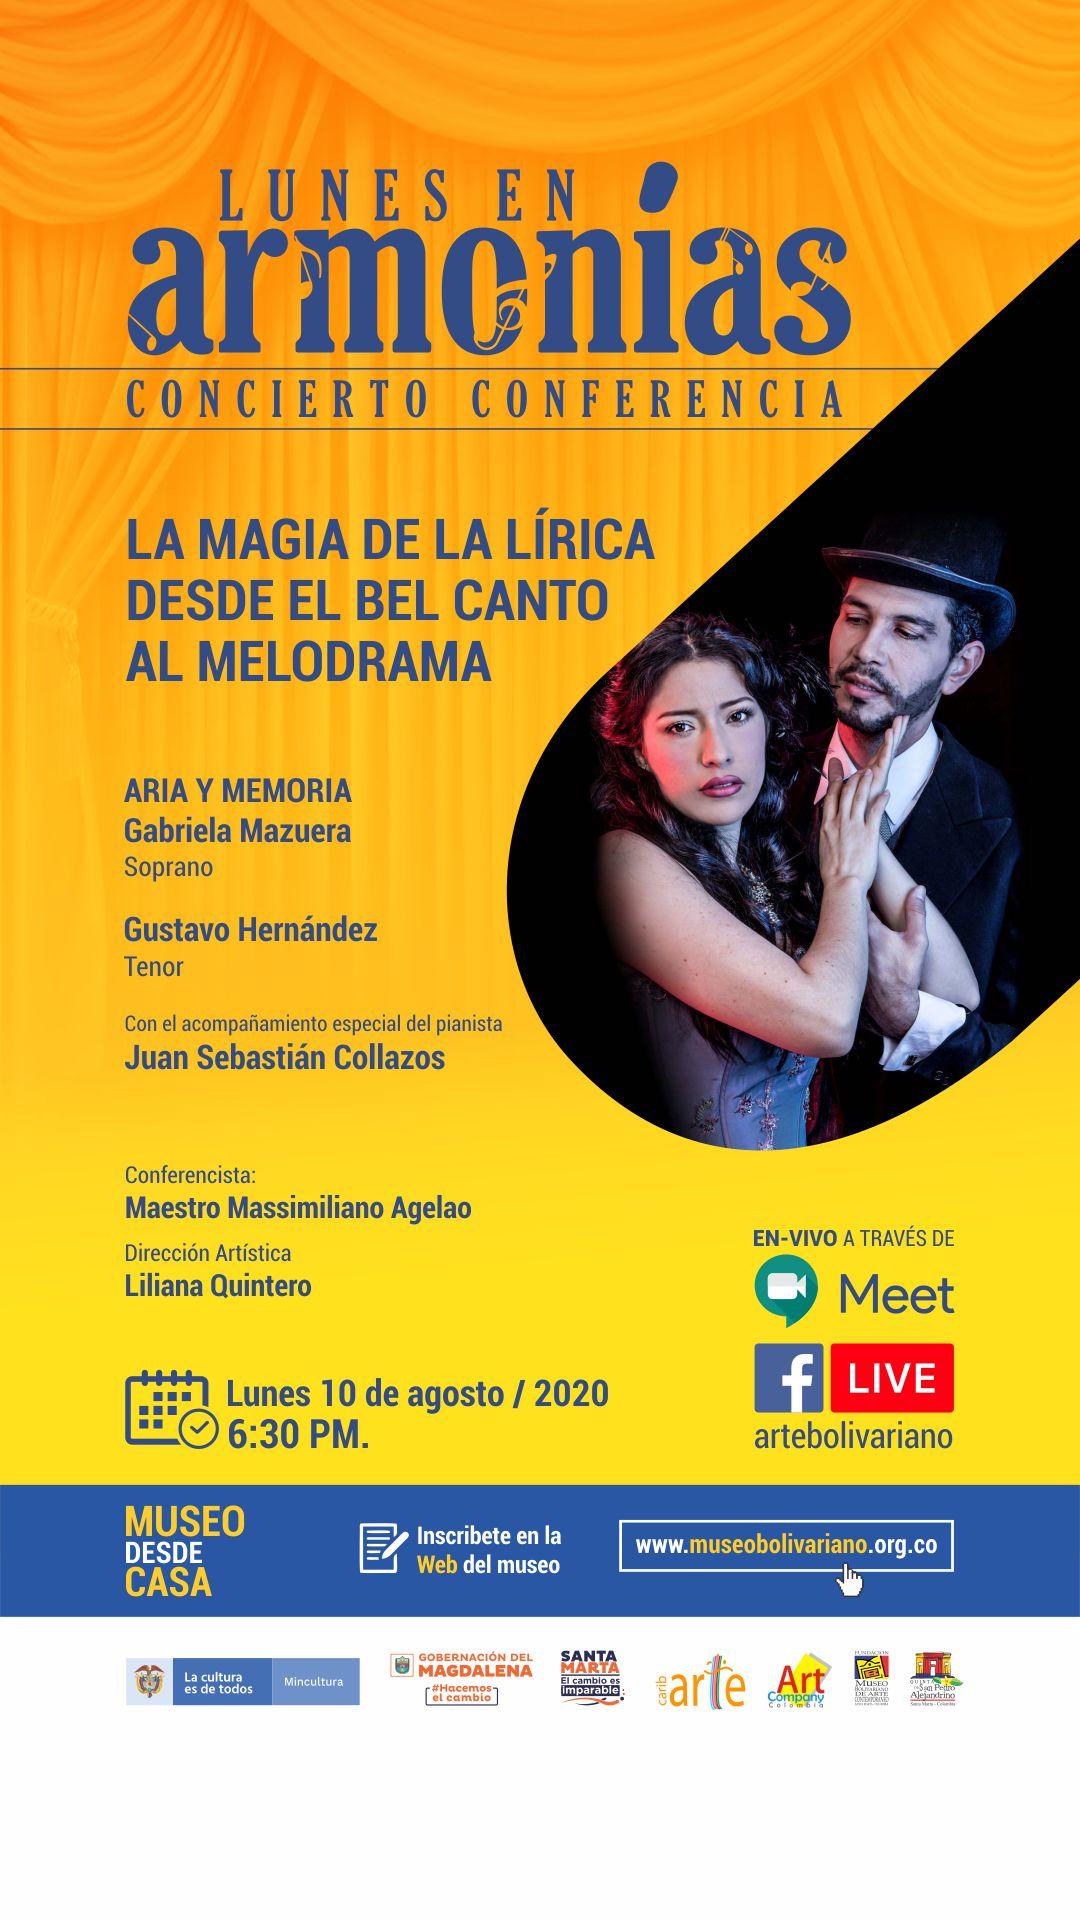 Invitación al concierto